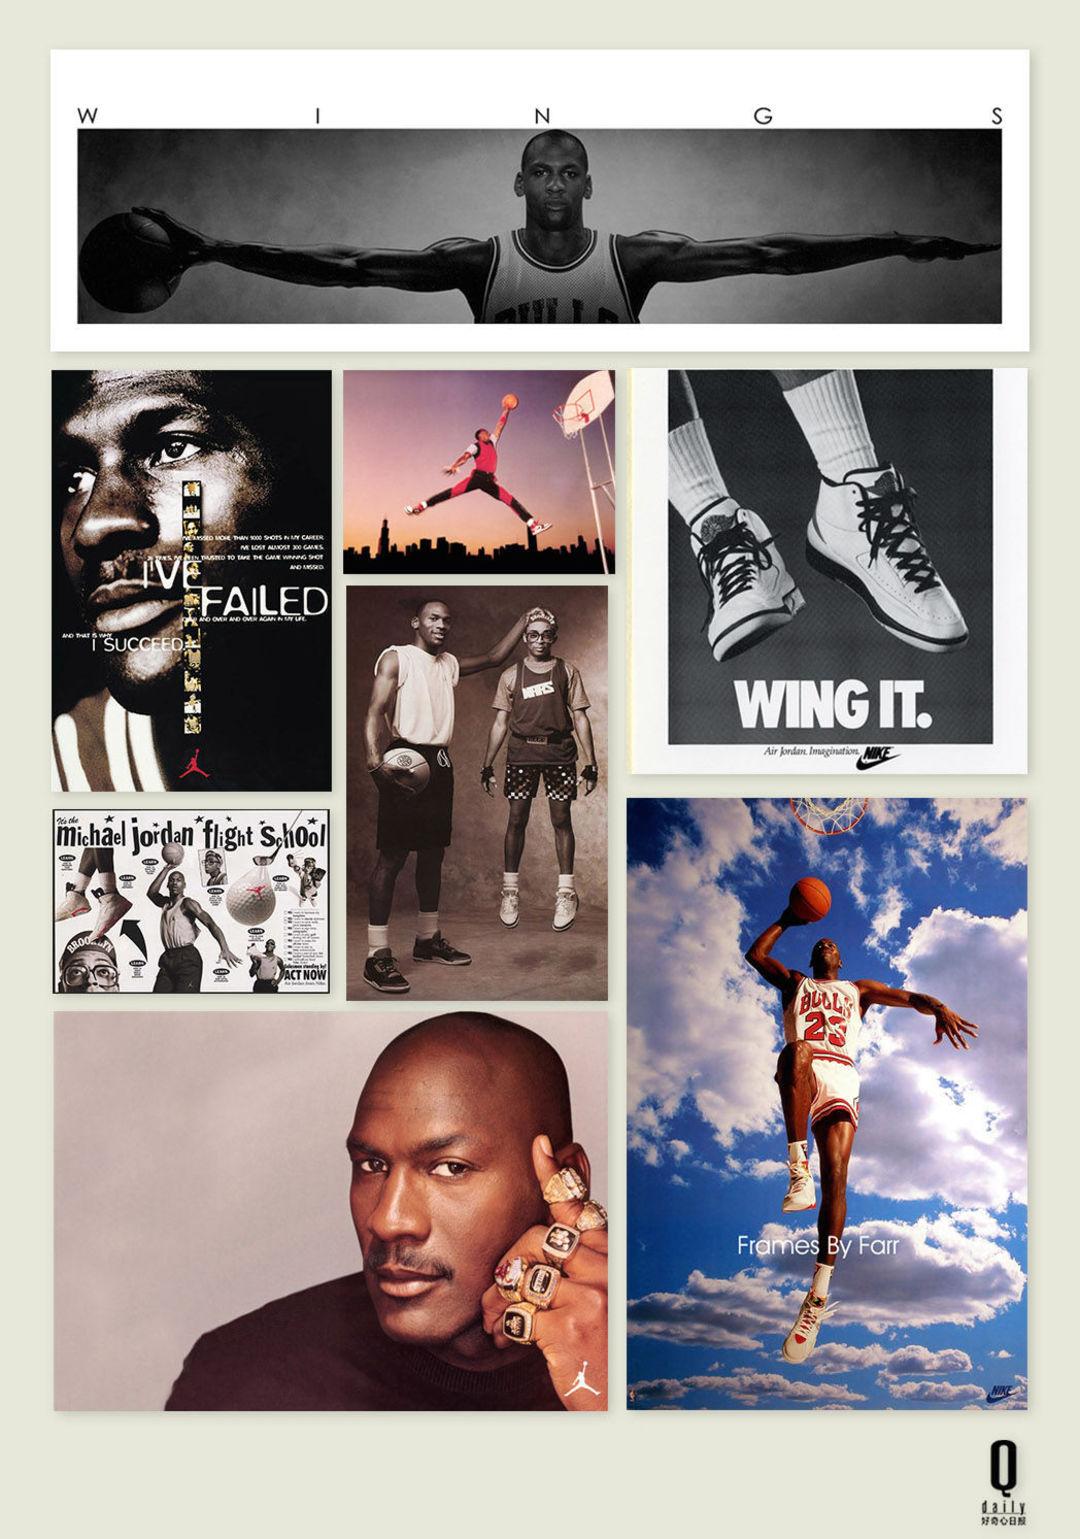 Jordan 迎来三十周年纪念,它如何成为最成功的球鞋品牌?| 好奇心商业史_商业_好奇心日报